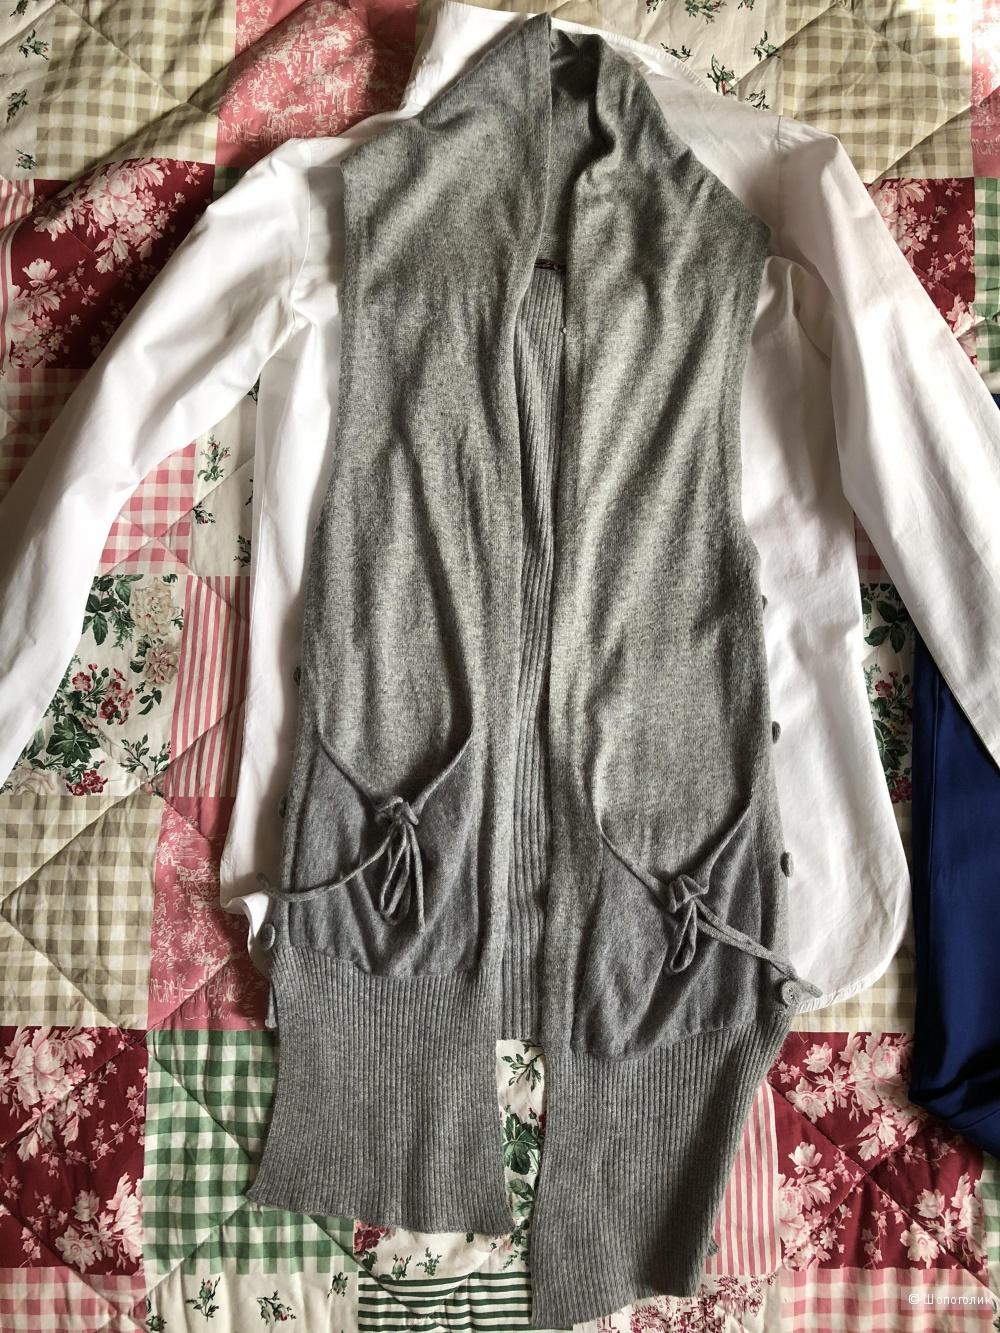 Сет брюки Gant, рубашка Pologarage, жилетка Amado, S